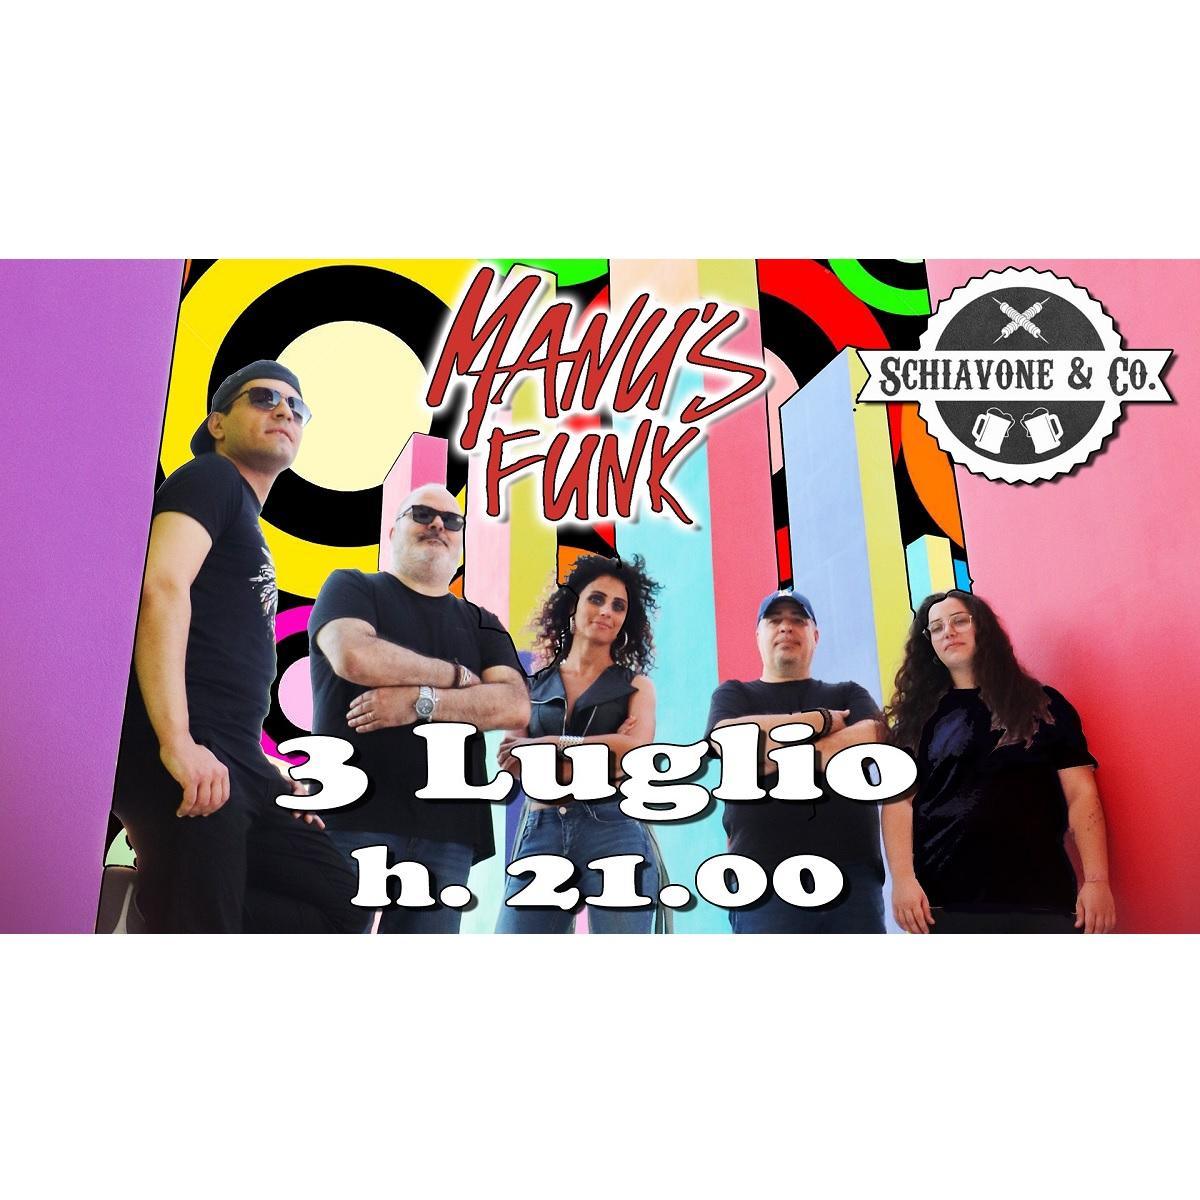 Manu's Funk a San Giovanni Teatino a Schiavone foto